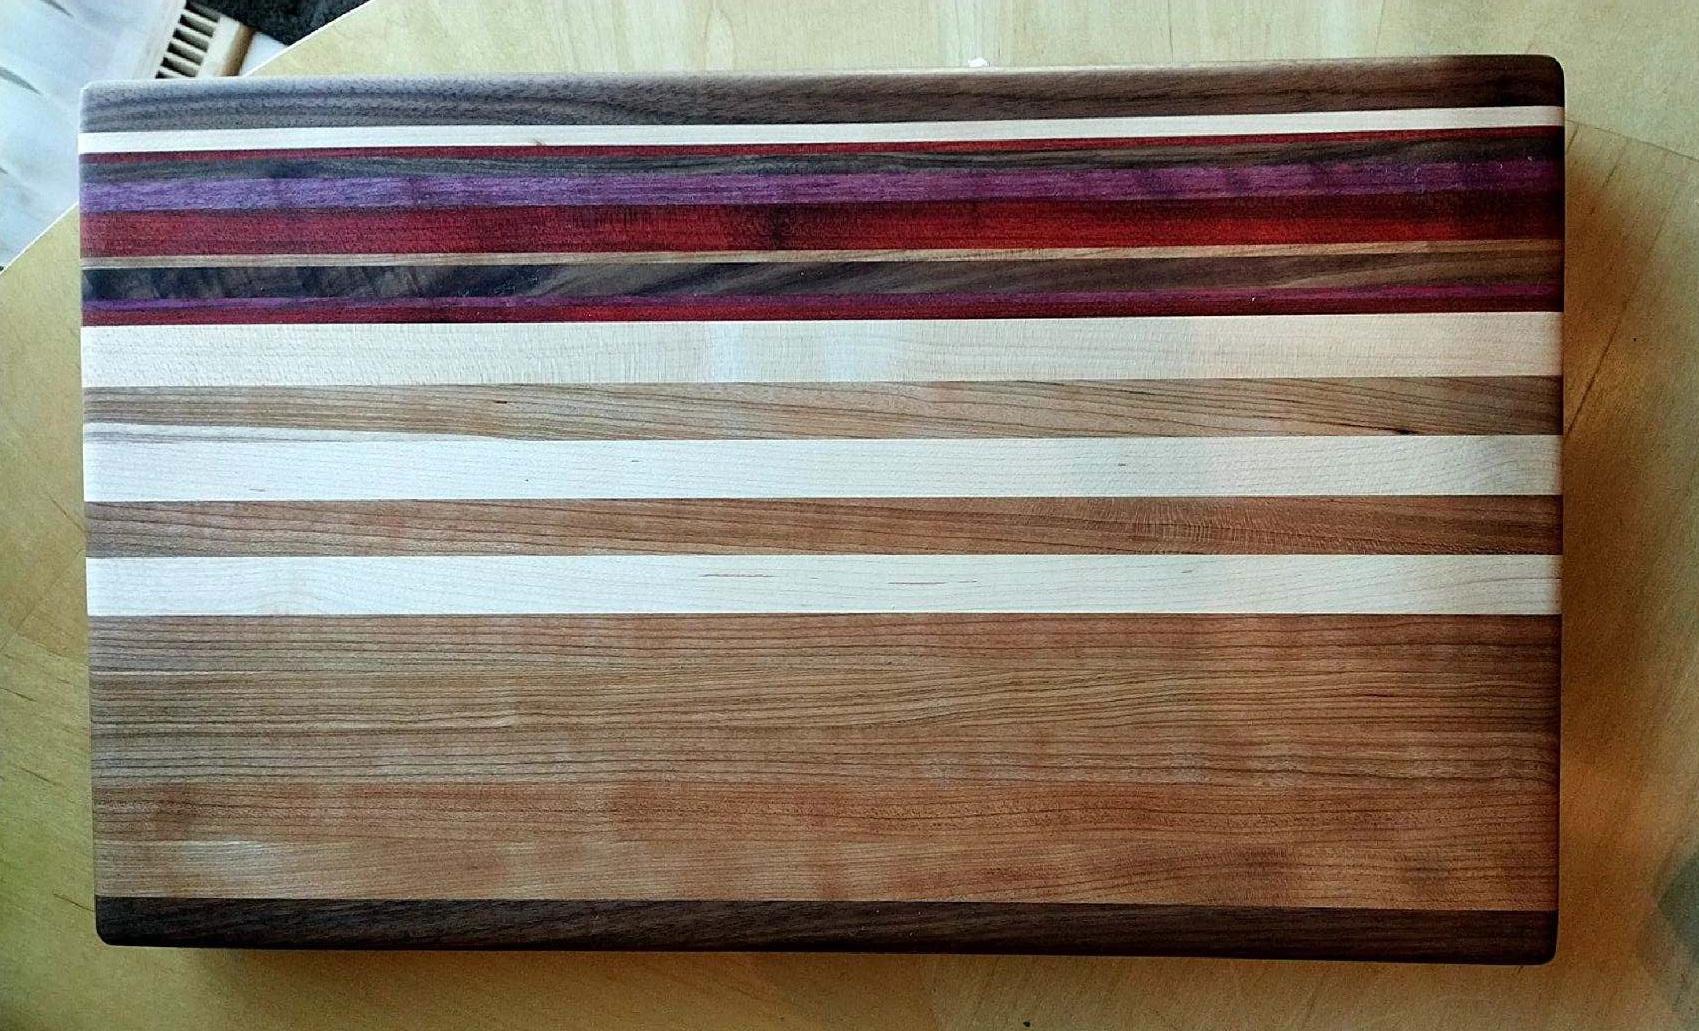 cutting-board-2.jpg